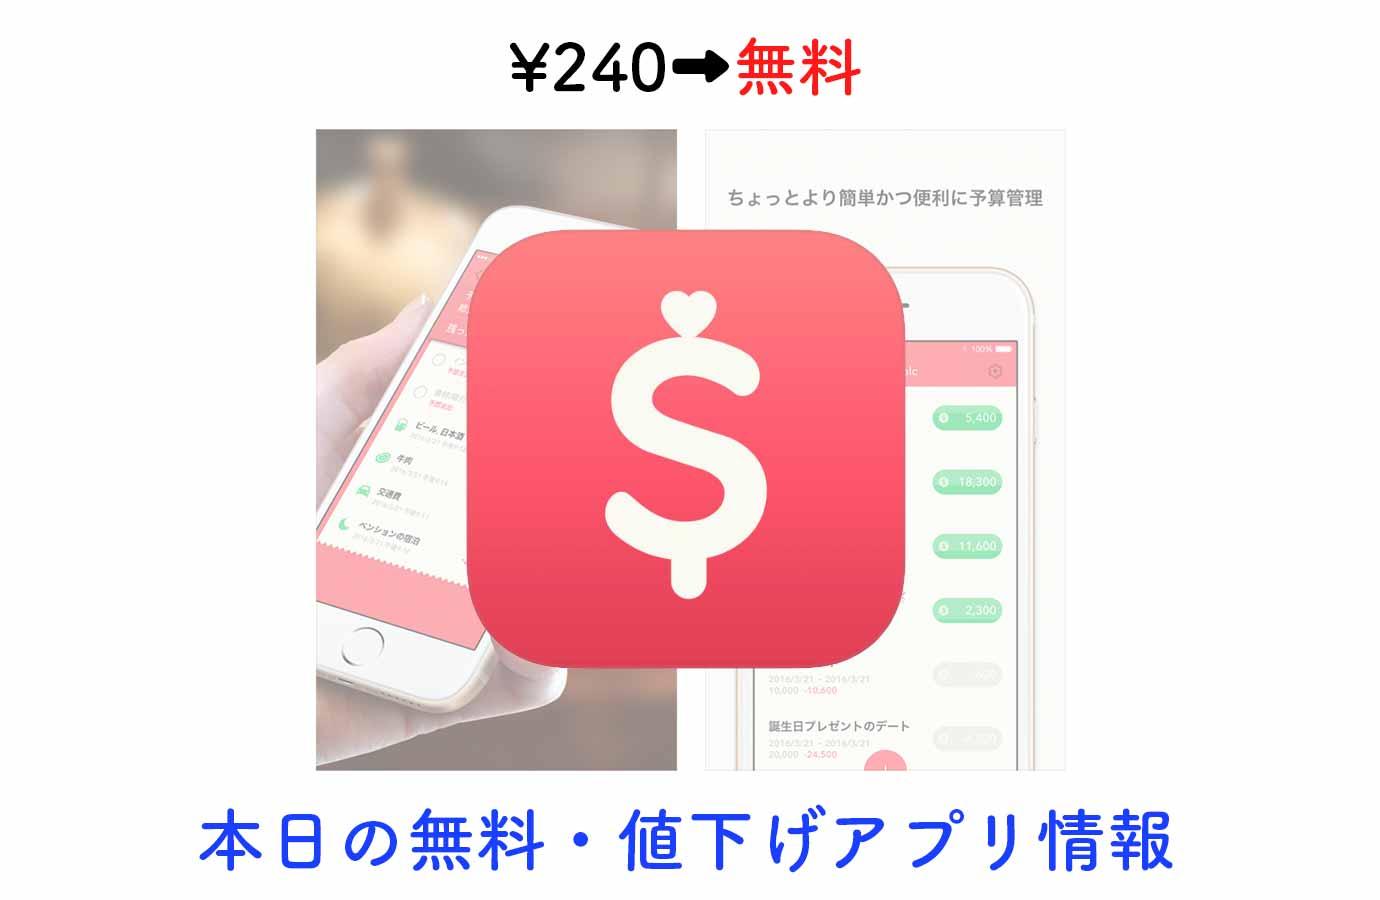 ¥240→無料、予算を決めて出費を管理できる家計簿アプリ「ミニバジェット Pro」など【7/30】本日の無料・値下げアプリ情報